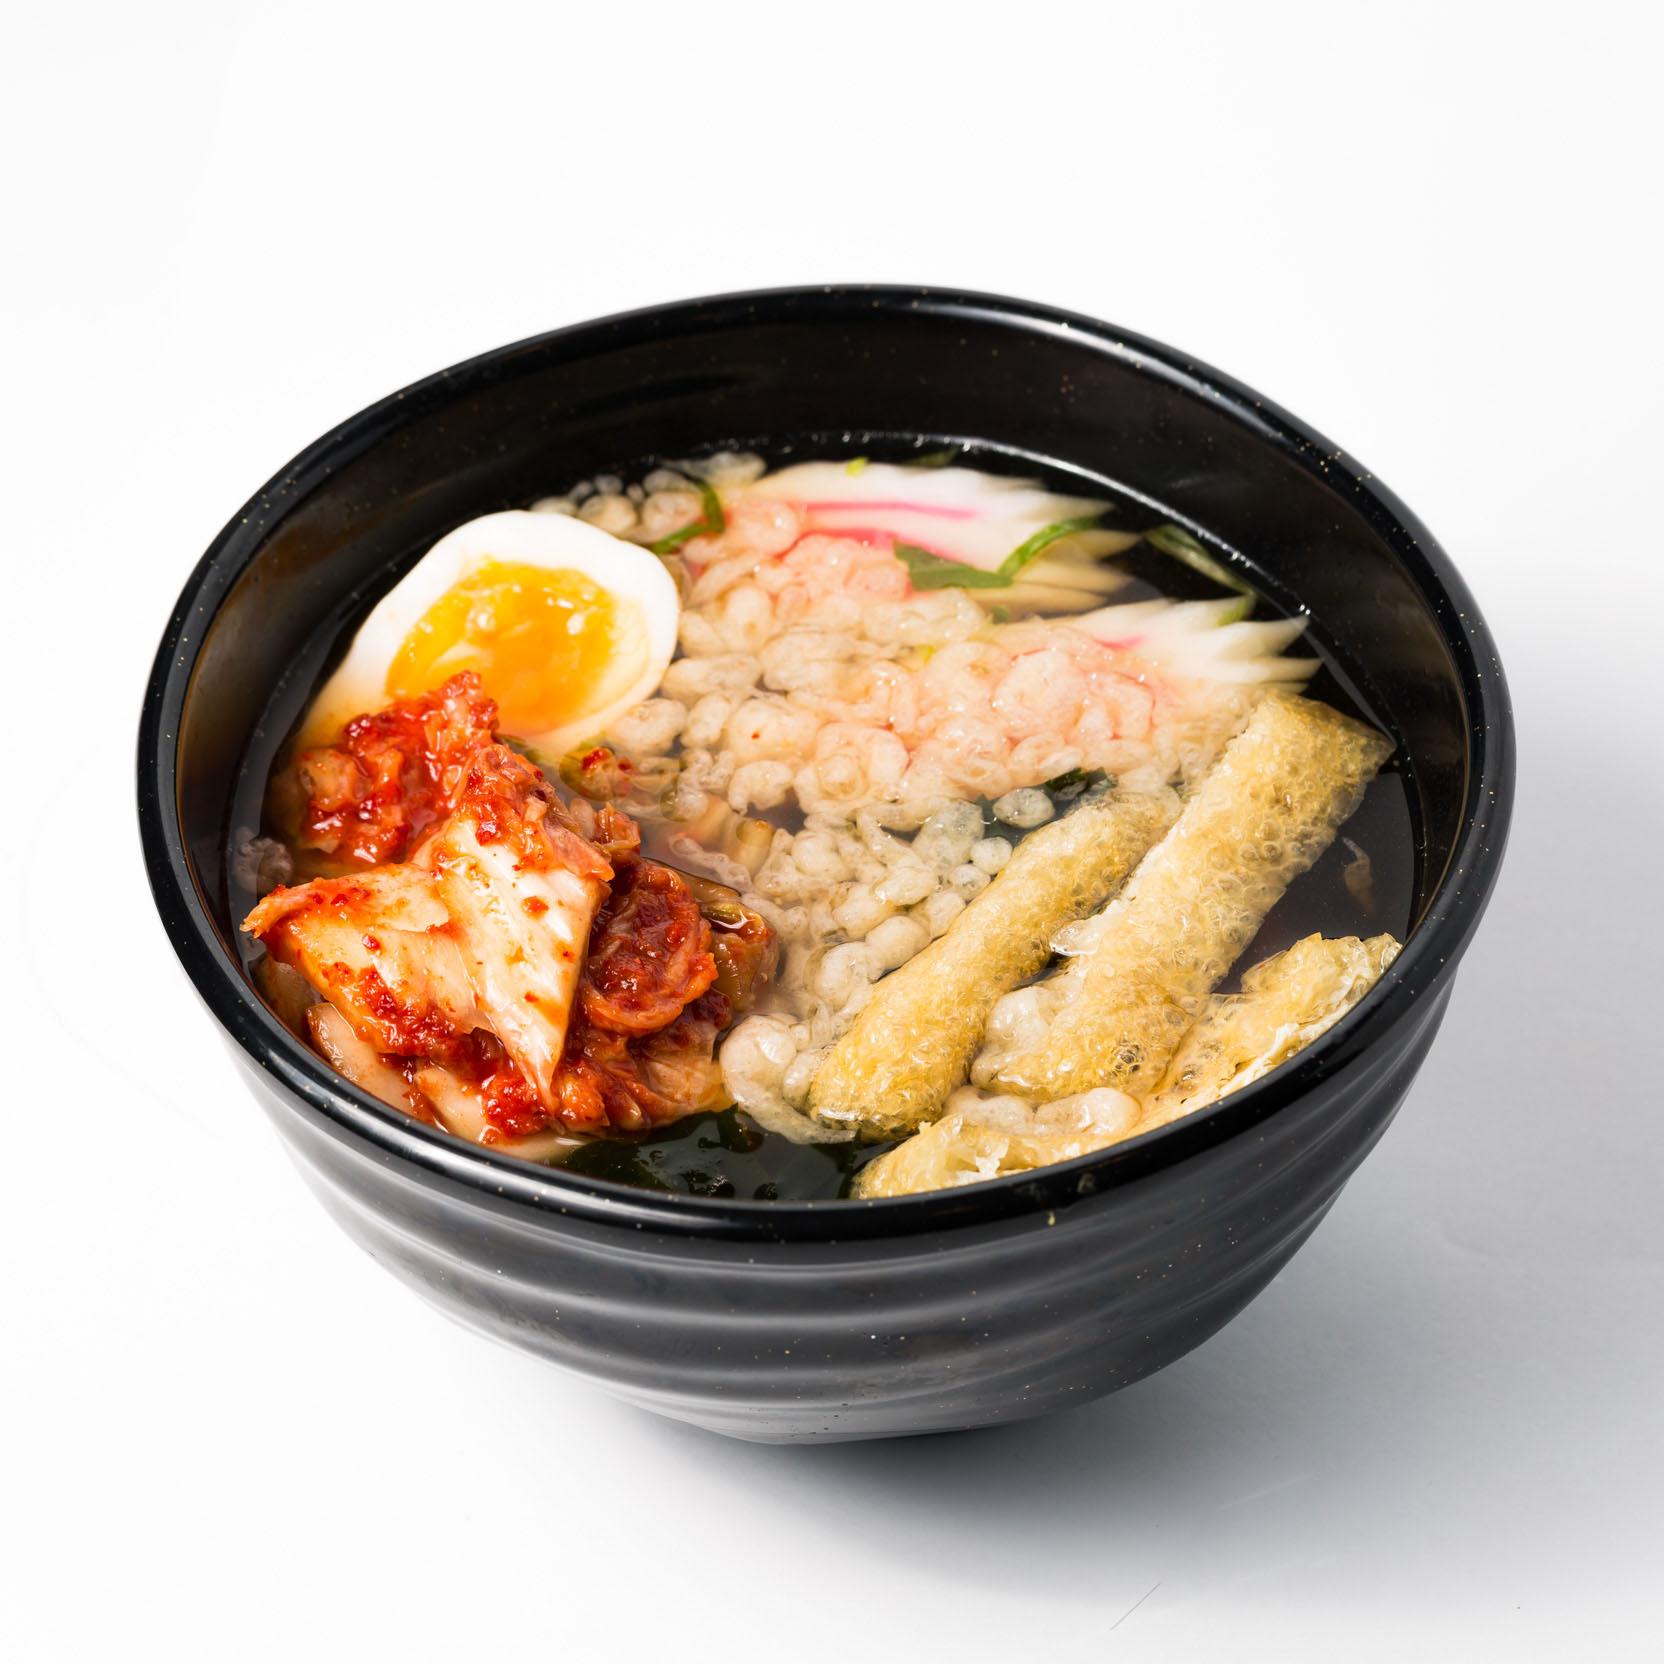 Kimchi Udon - Spicy